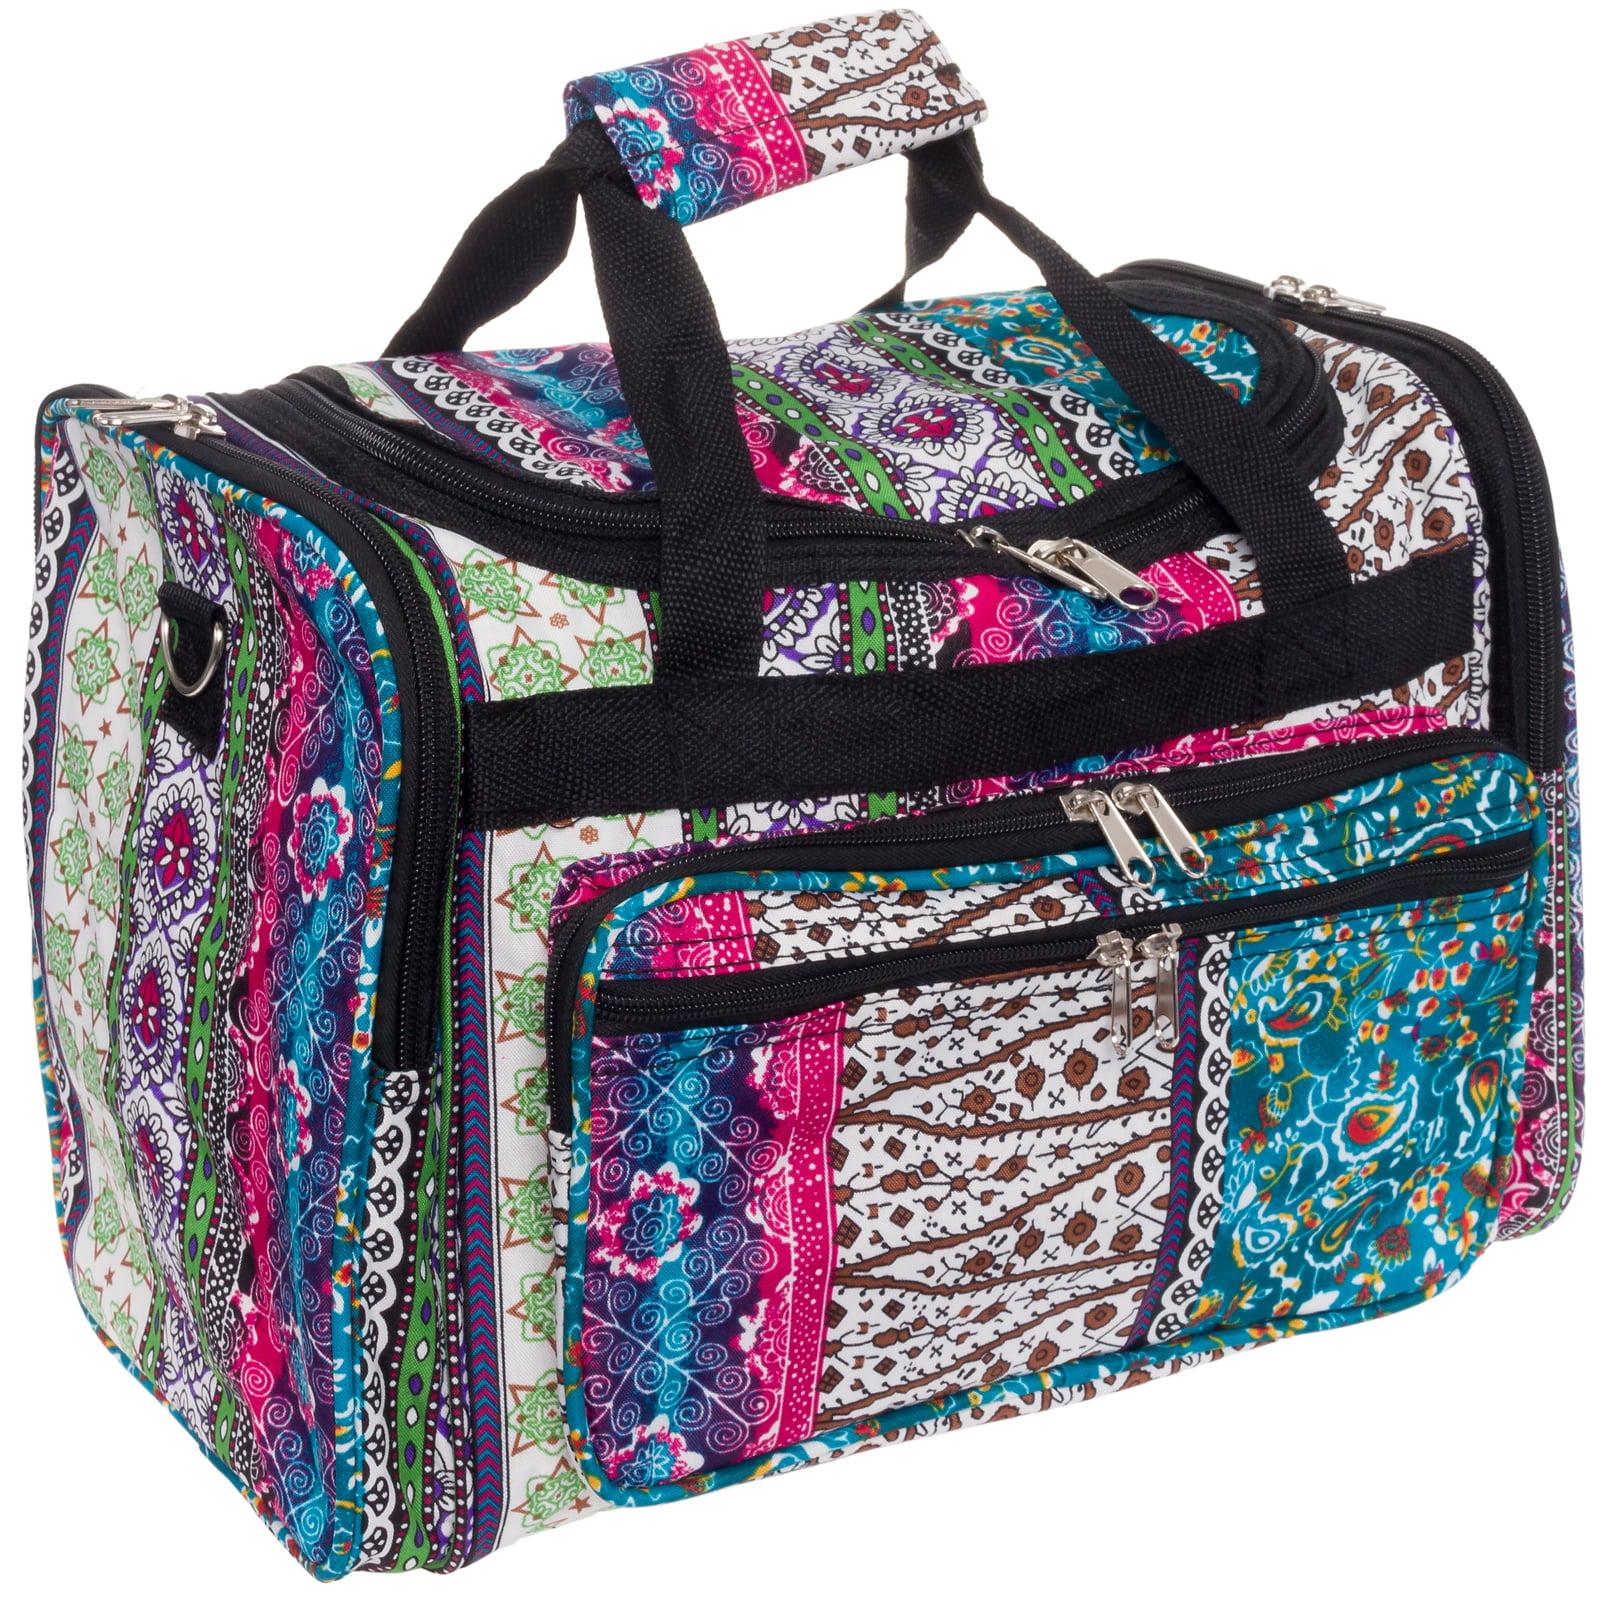 """Gen SH SILVERHOOKS New Bohemian 16"""" Inch Duffel Carry-On Travel Gym Bag w  Black Trim by Gen SH"""